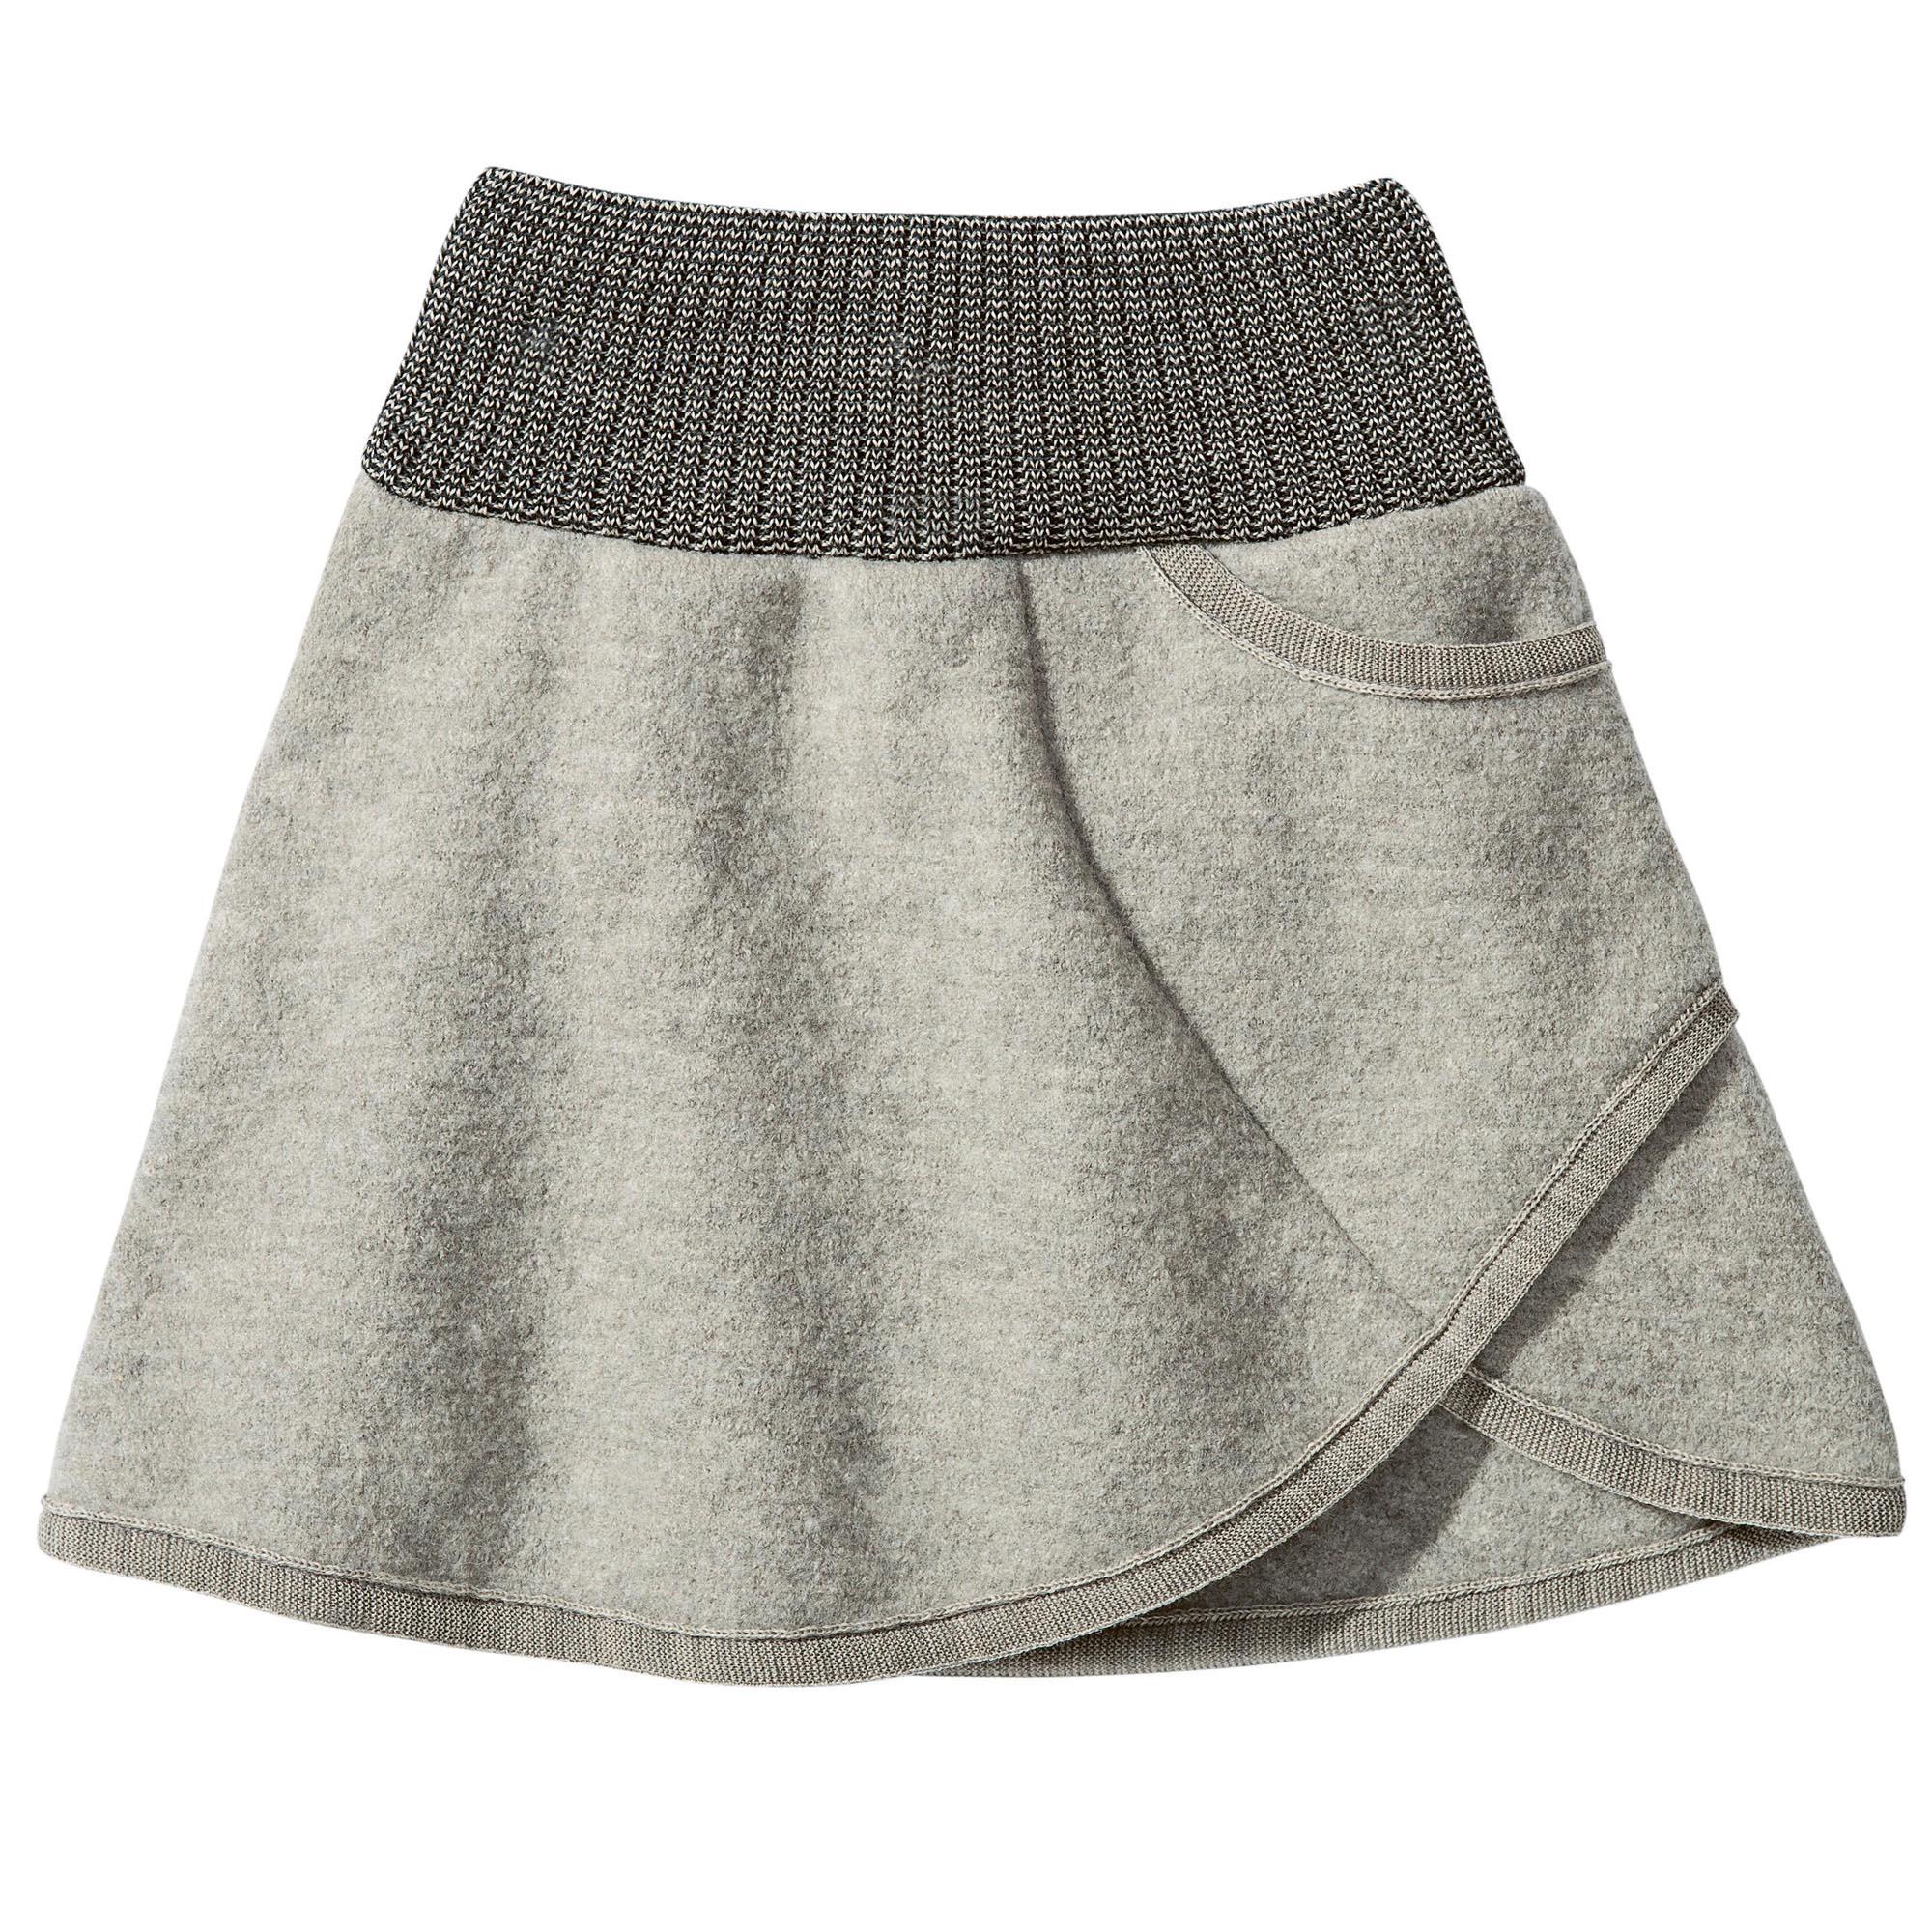 42dac85a38b DISANA Flaušová sukně merino vlna šedá